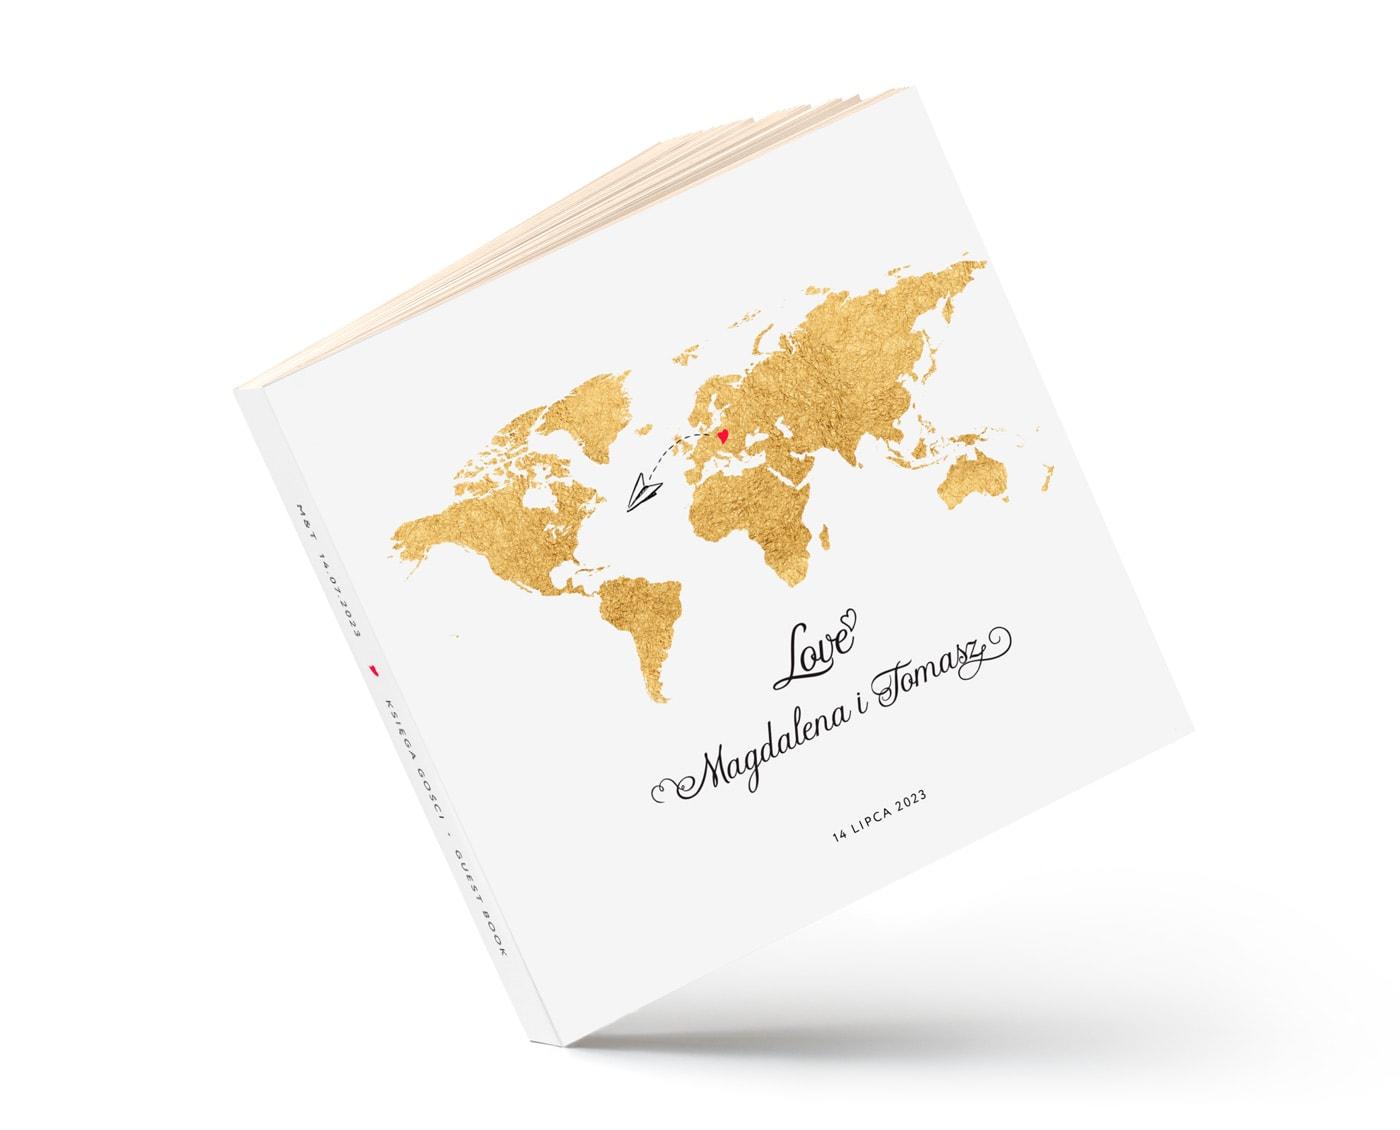 Księga gości na wesele z motywem podróży, złota mapa świata i samoloty